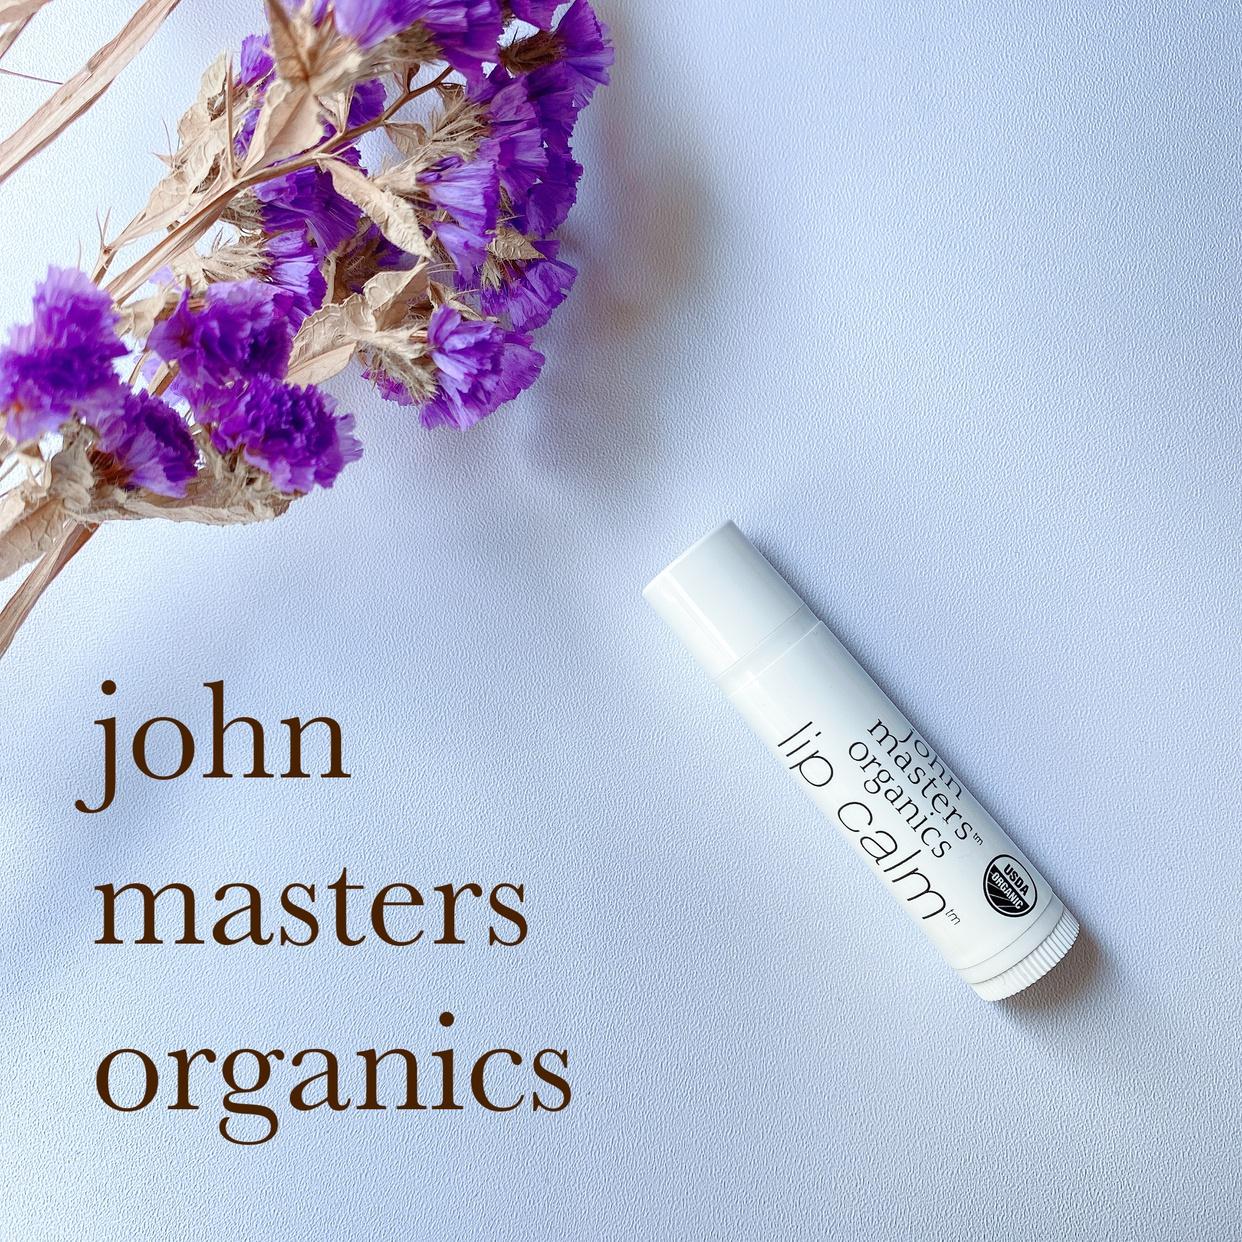 john masters organics(ジョンマスターオーガニック) リップカームを使ったMiiさんのクチコミ画像1